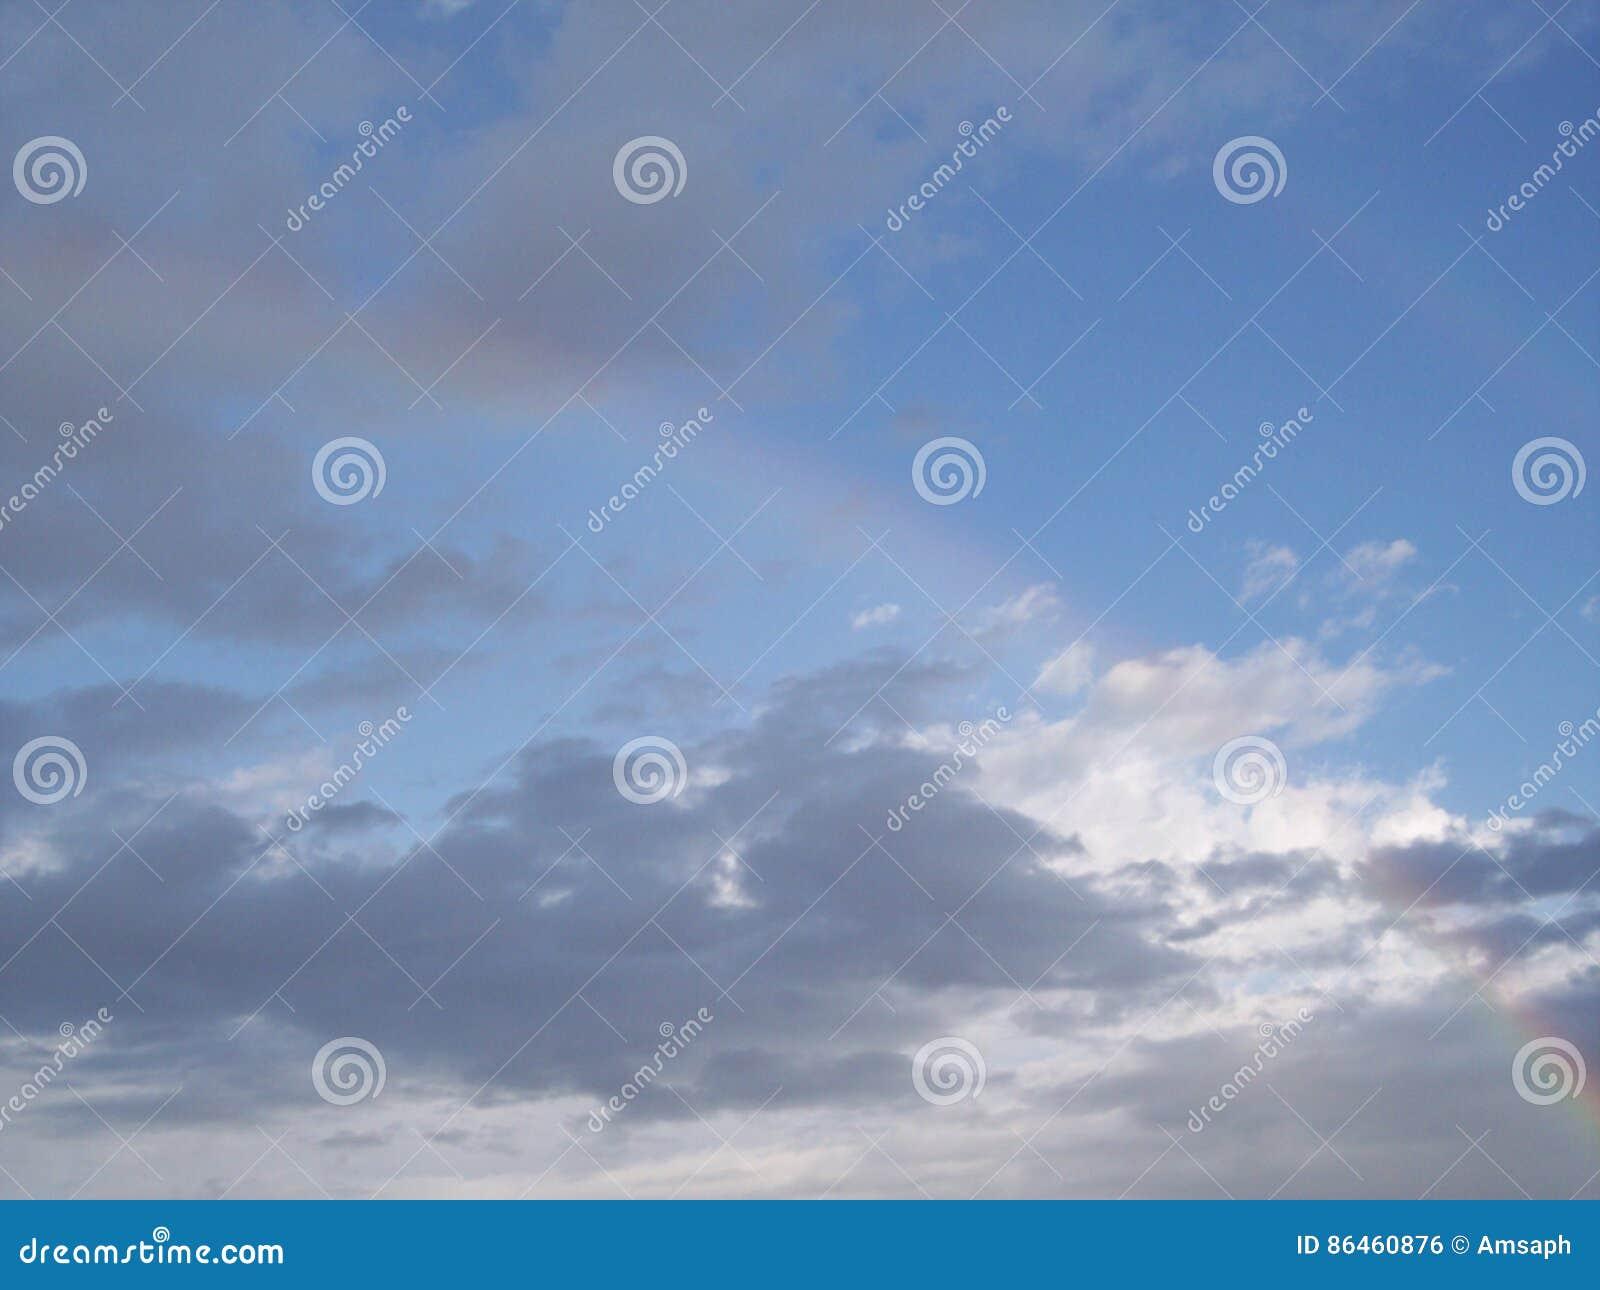 Fallen doppelter Regenbogen gegen blauen Himmel und Wolken in Ohnmacht